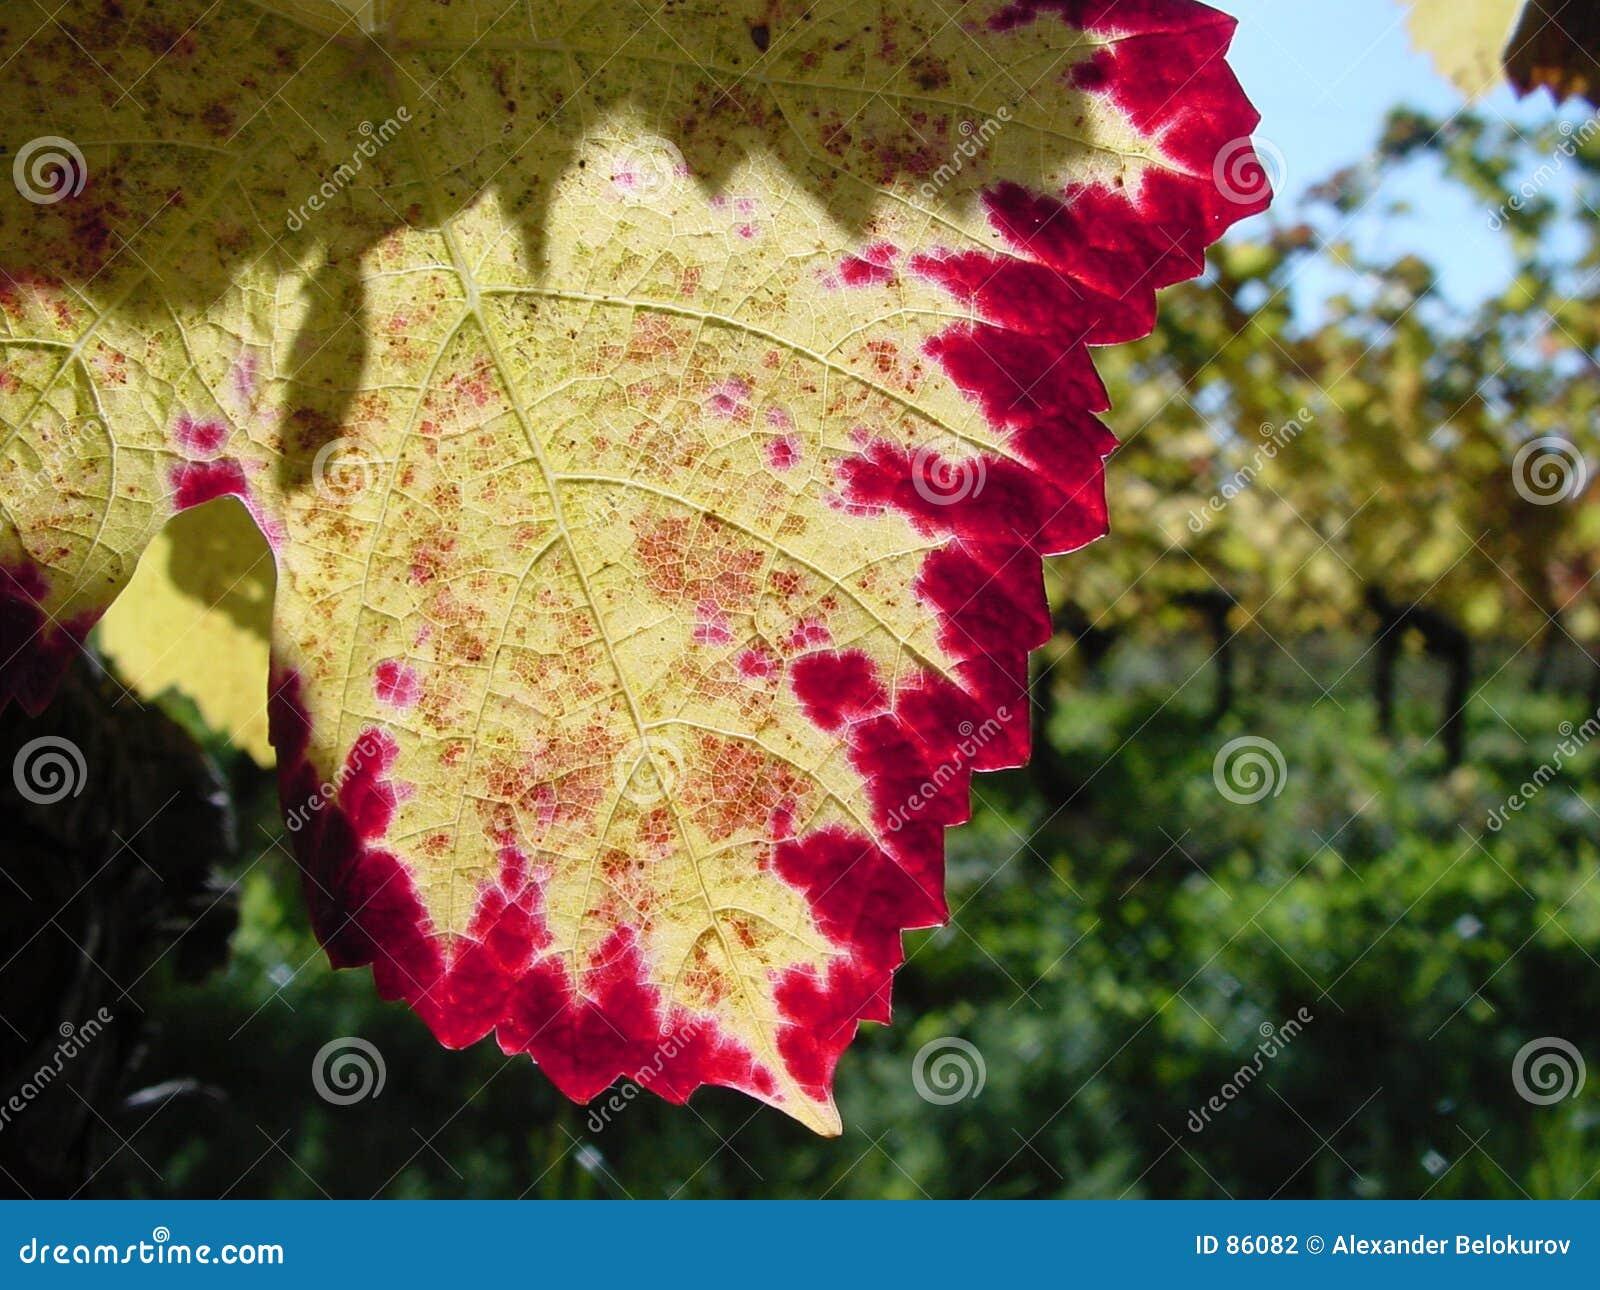 Jesienią kolor smaku winorośli wcześniej